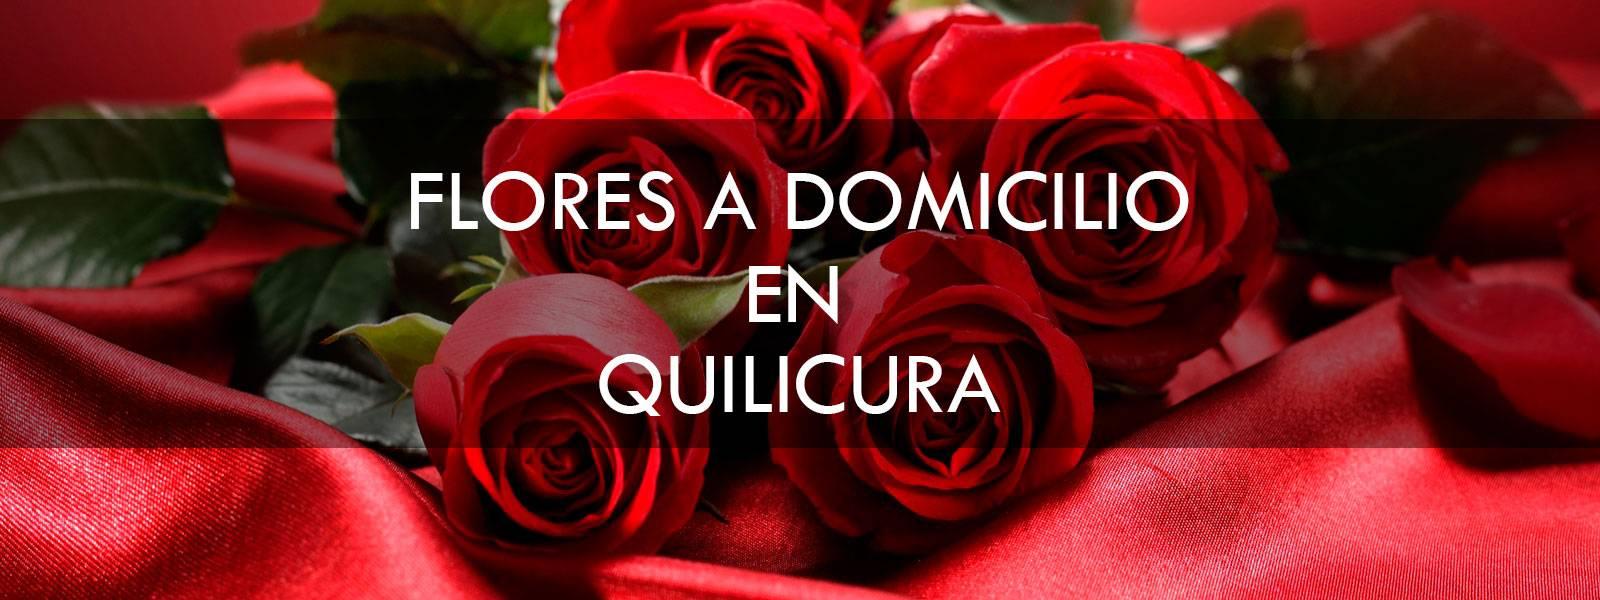 Flores a domicilio en Quilicura